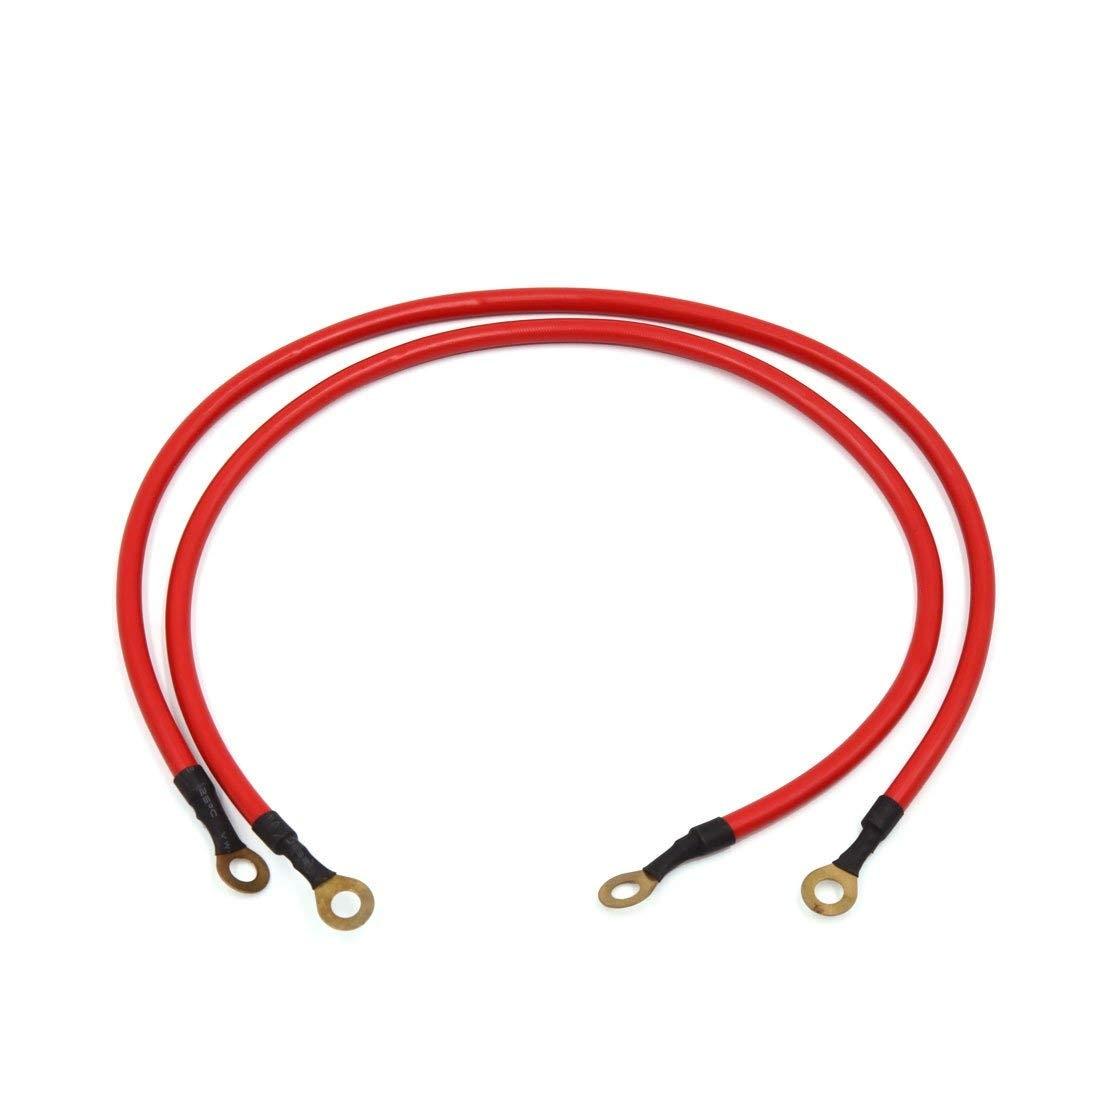 Uxcell 2Pcs 45 centimetri Red Car Batteria Filo di Terra Tensione Cavo Elettrico di Conduzione Stabile